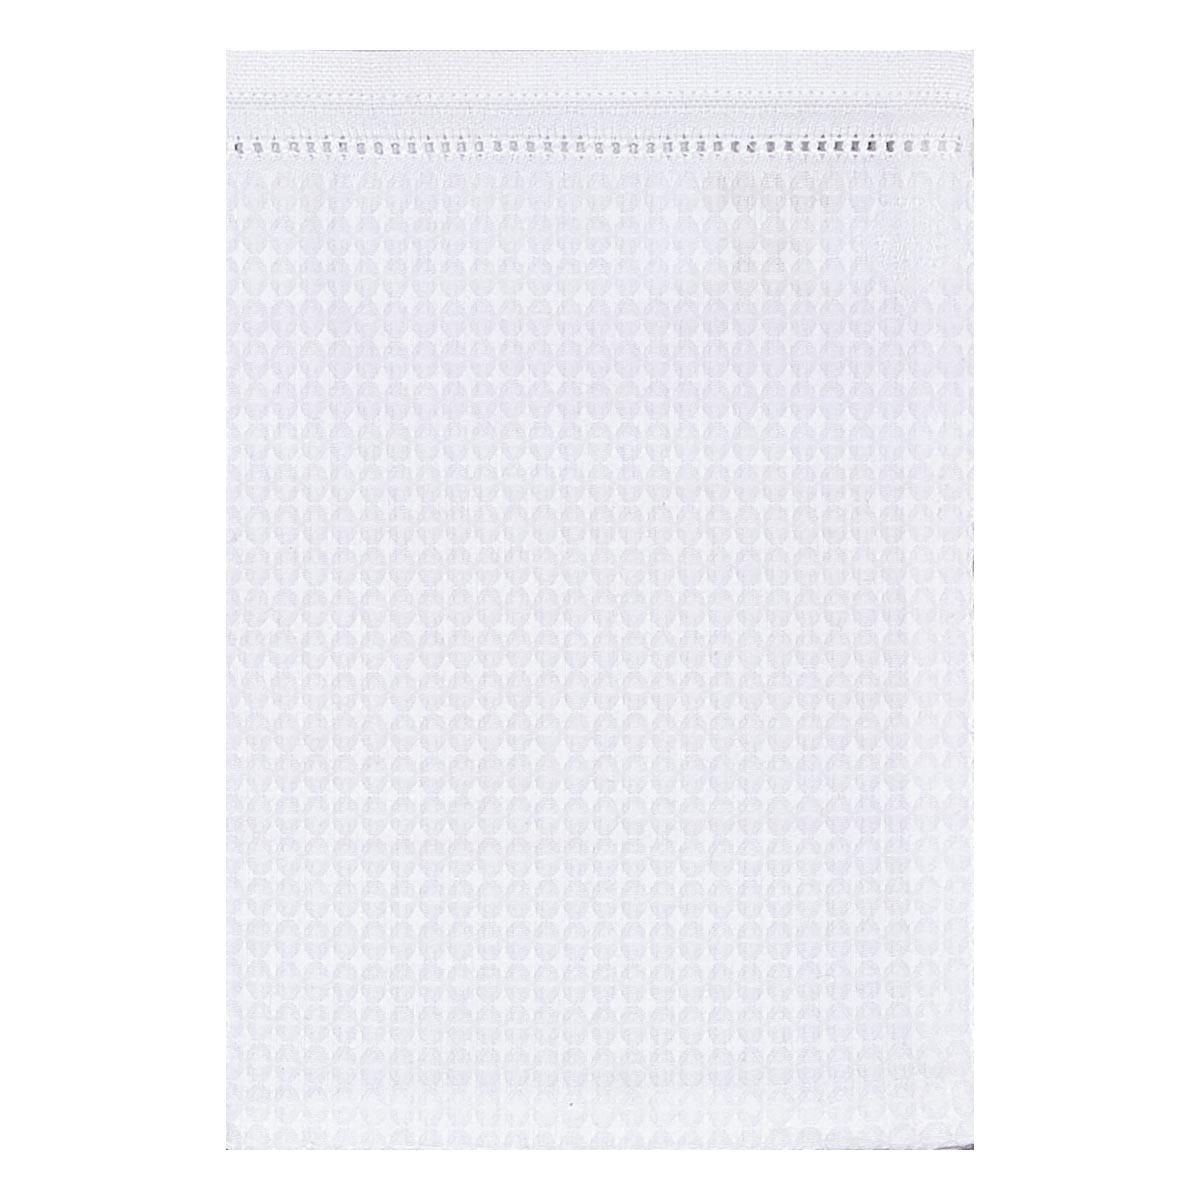 Gant de toilette en coton blanc 15 x 22